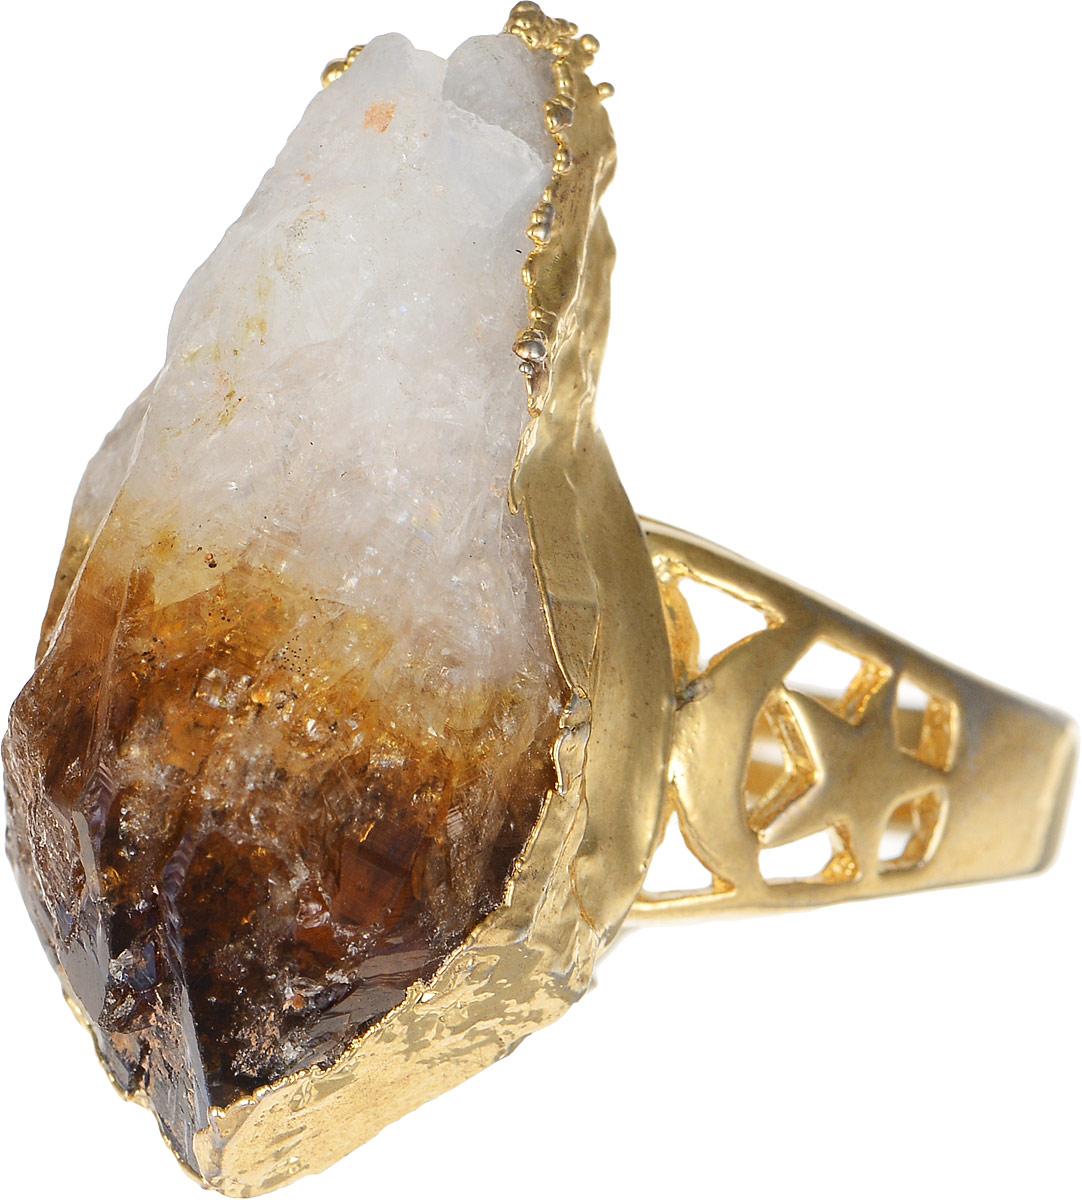 Кольцо Polina Selezneva, цвет: золотистый, коричневый, белый. DG-0049DG-0049Стильное кольцо Polina Selezneva изготовлено из качественного металлического сплава. Кольцо оформлено оригинальным камнем и резным узором.